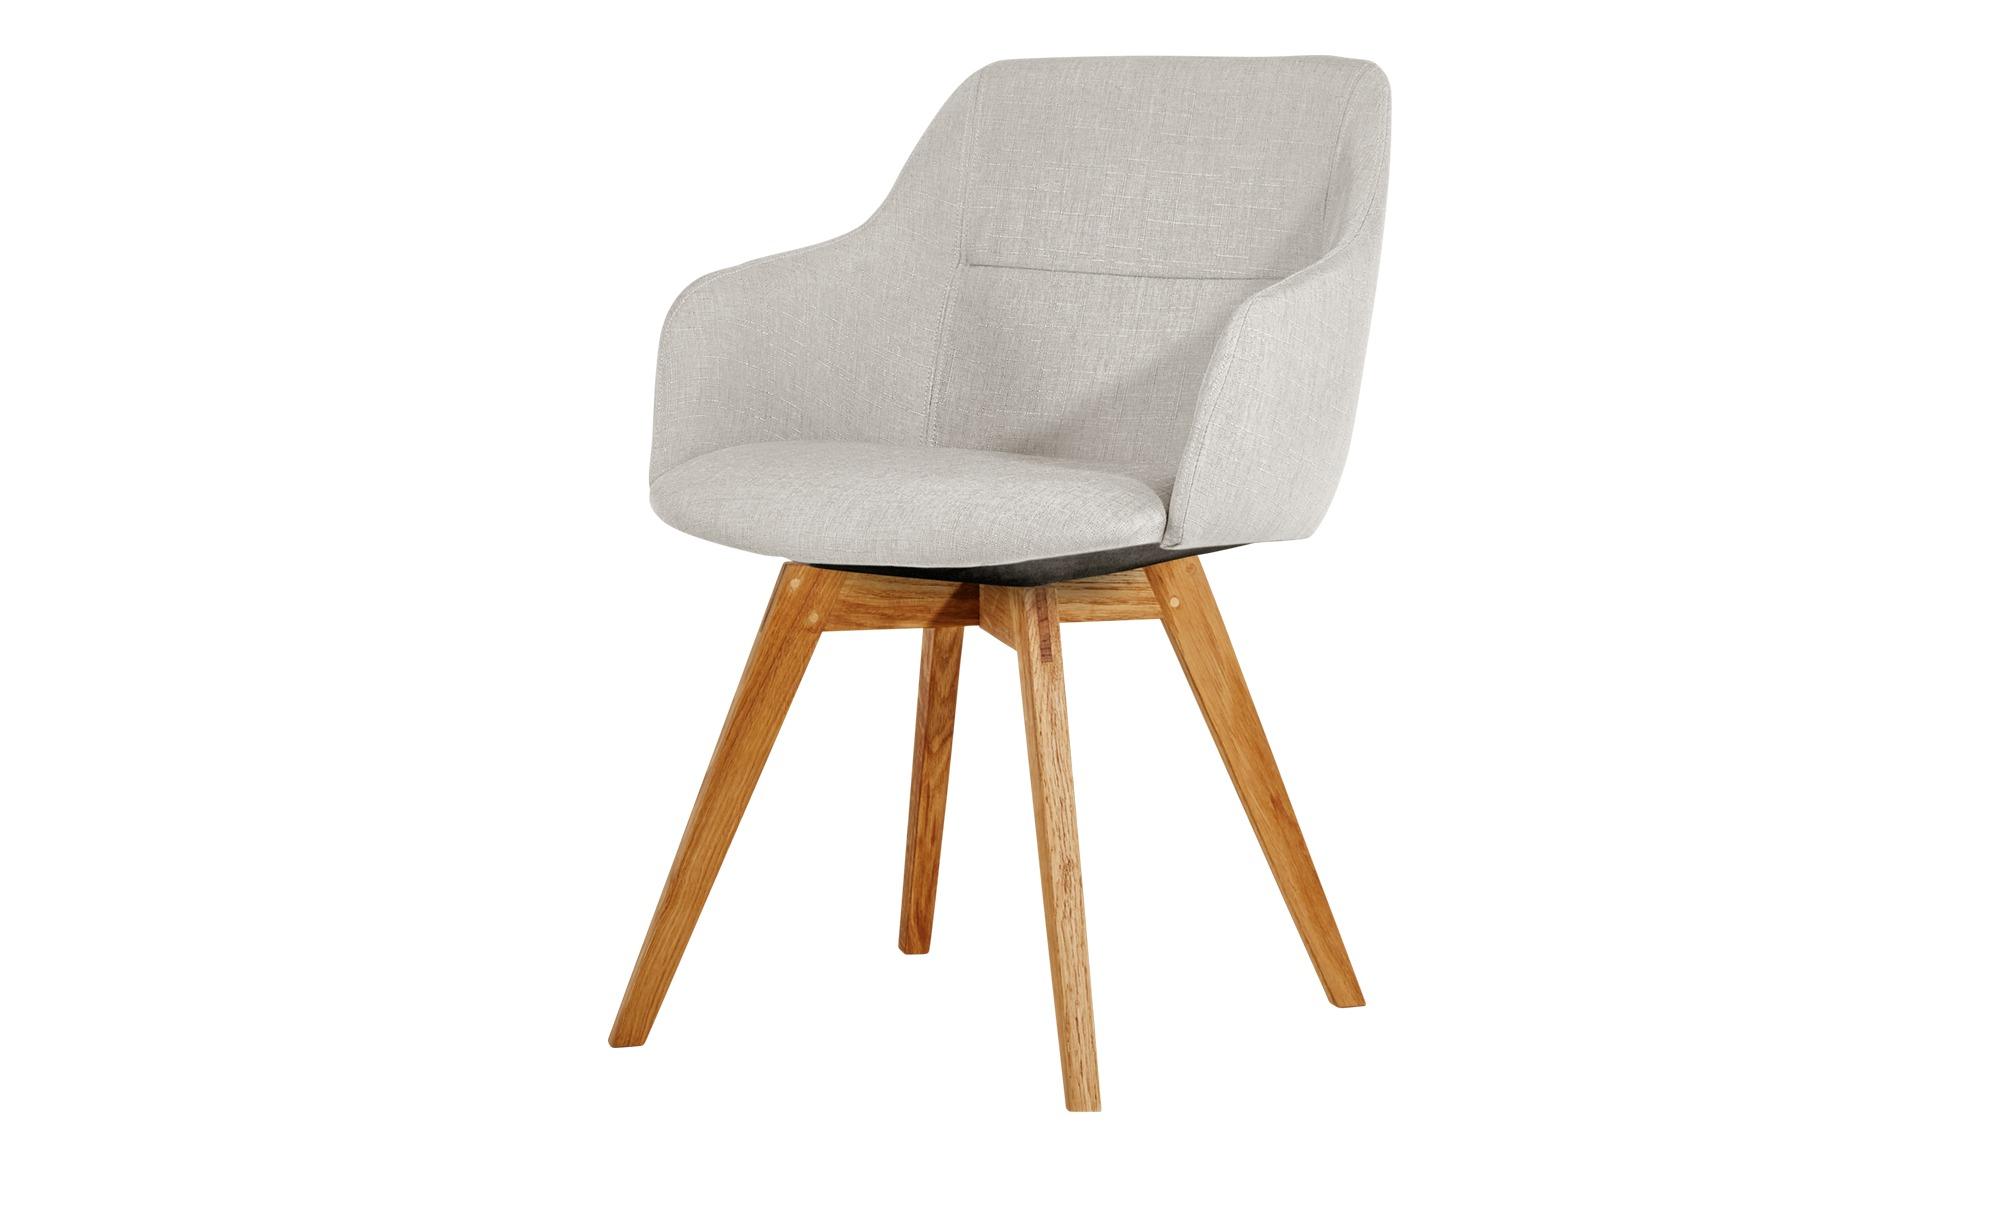 Moderne esszimmerst hle mit ohne armlehne bei h ffner - Lederstuhl beige ...